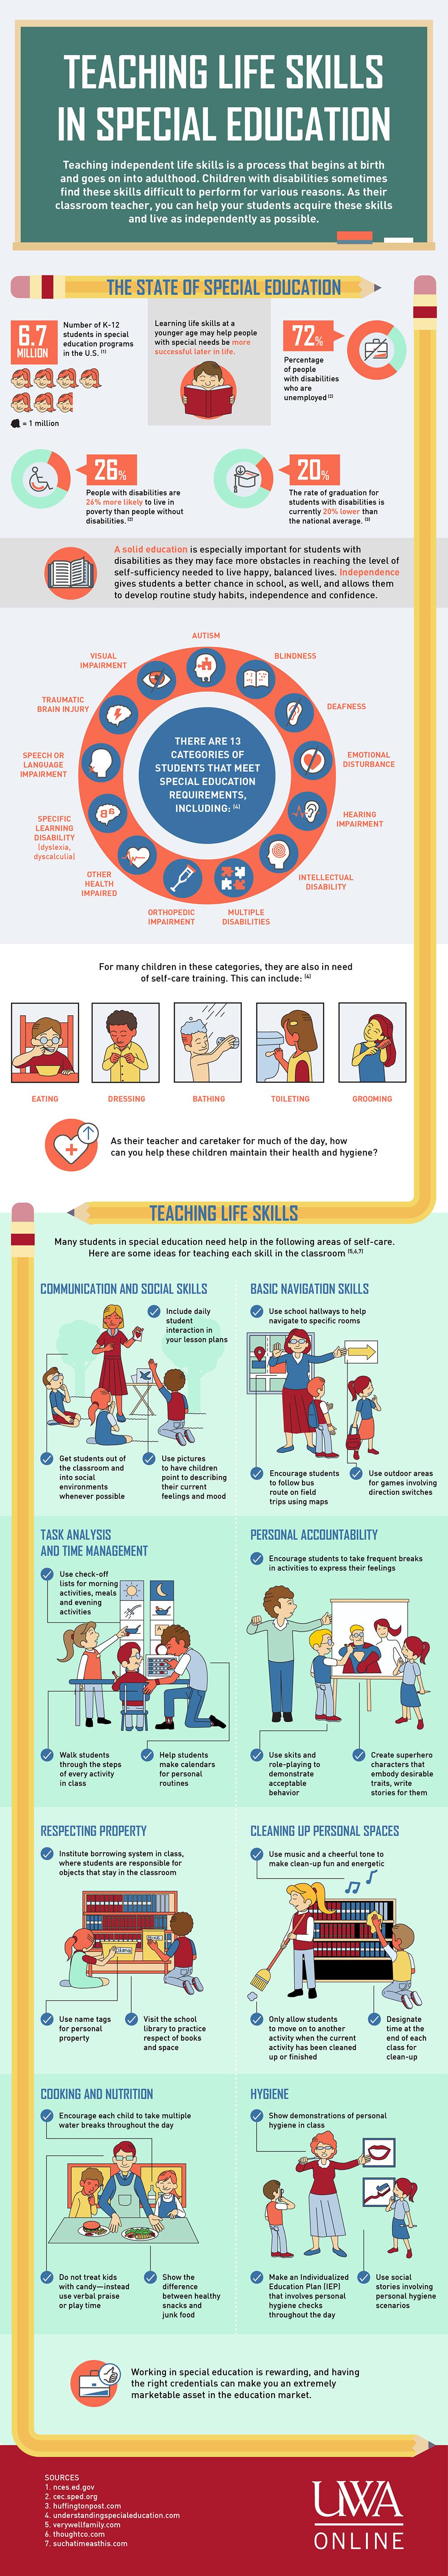 UWA Online - Teaching Life Skills